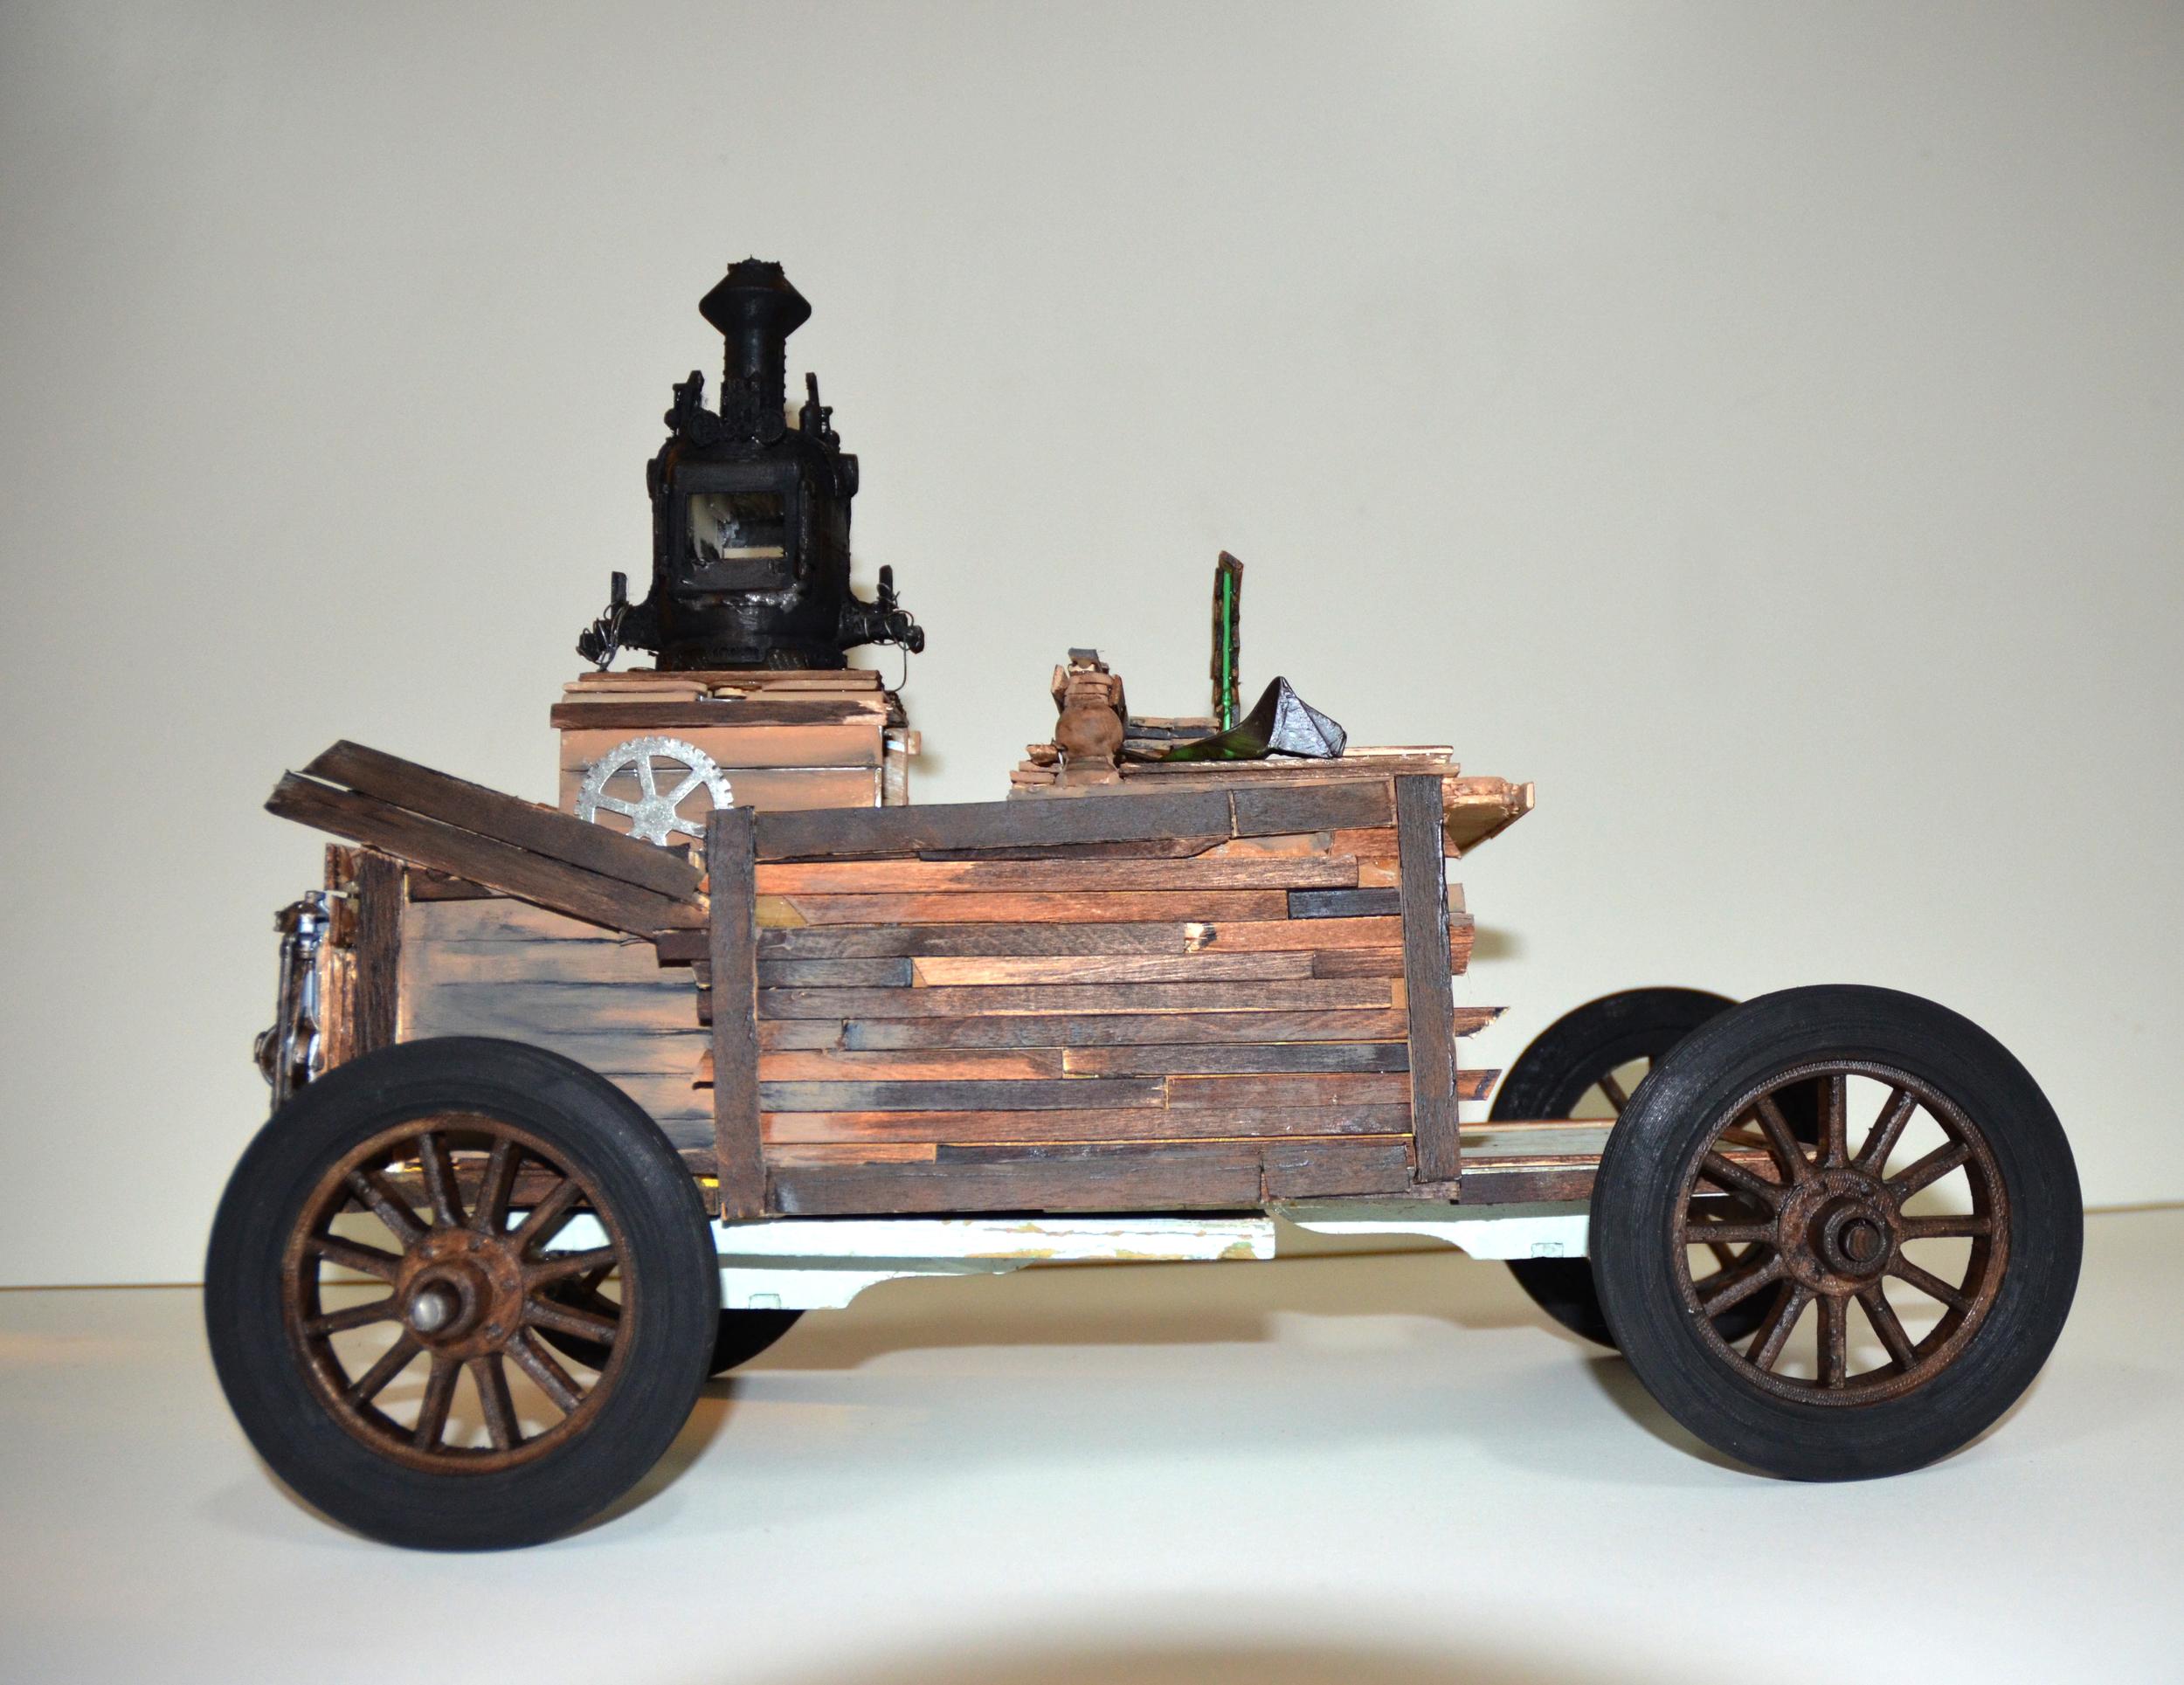 Josh-Funk-Miniature-Car-1.jpg